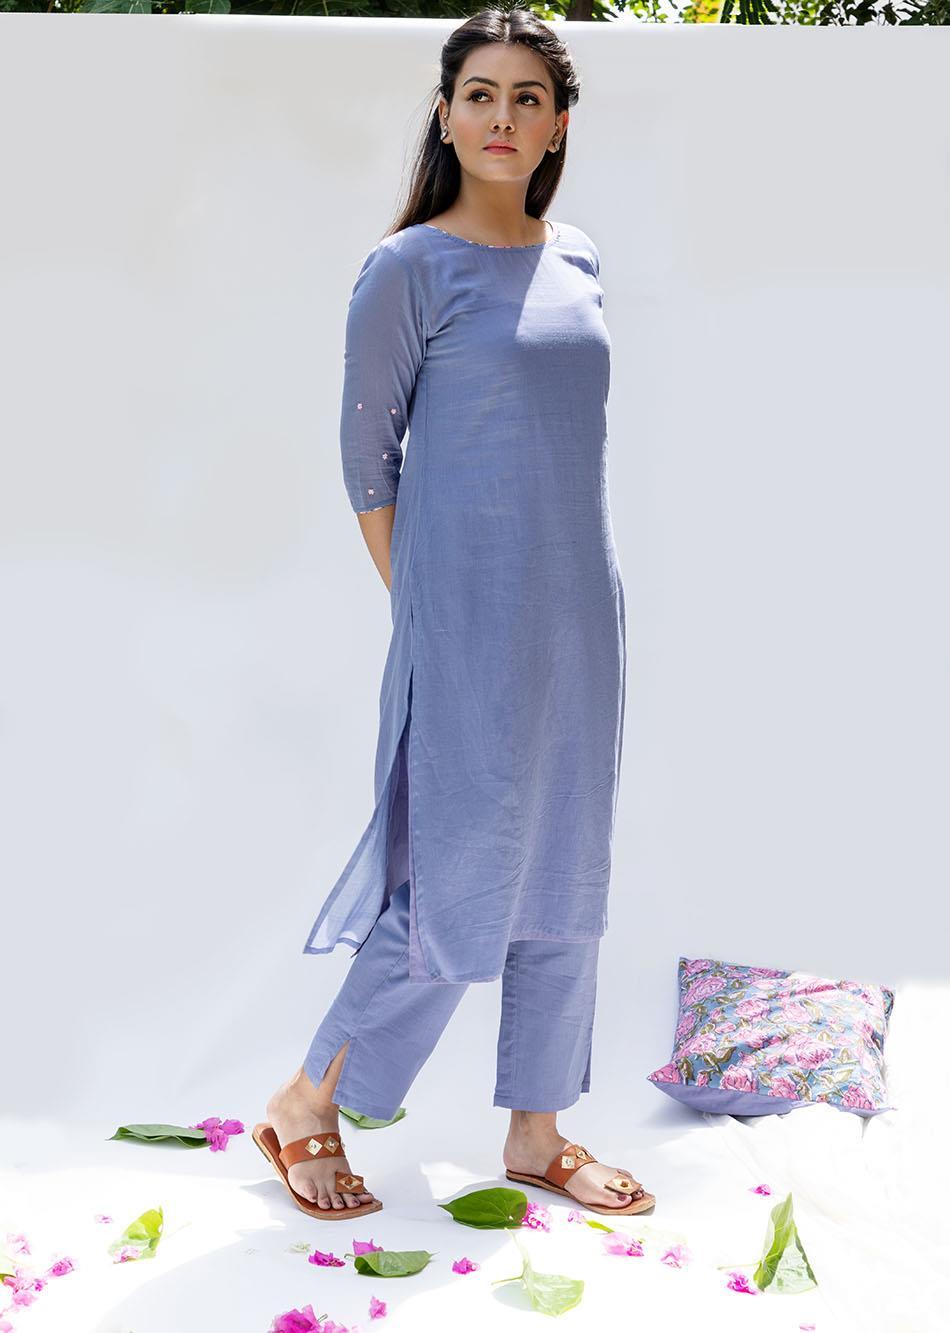 Baiguni Transy kurta and pants (set of 2) By Jovi Fashion